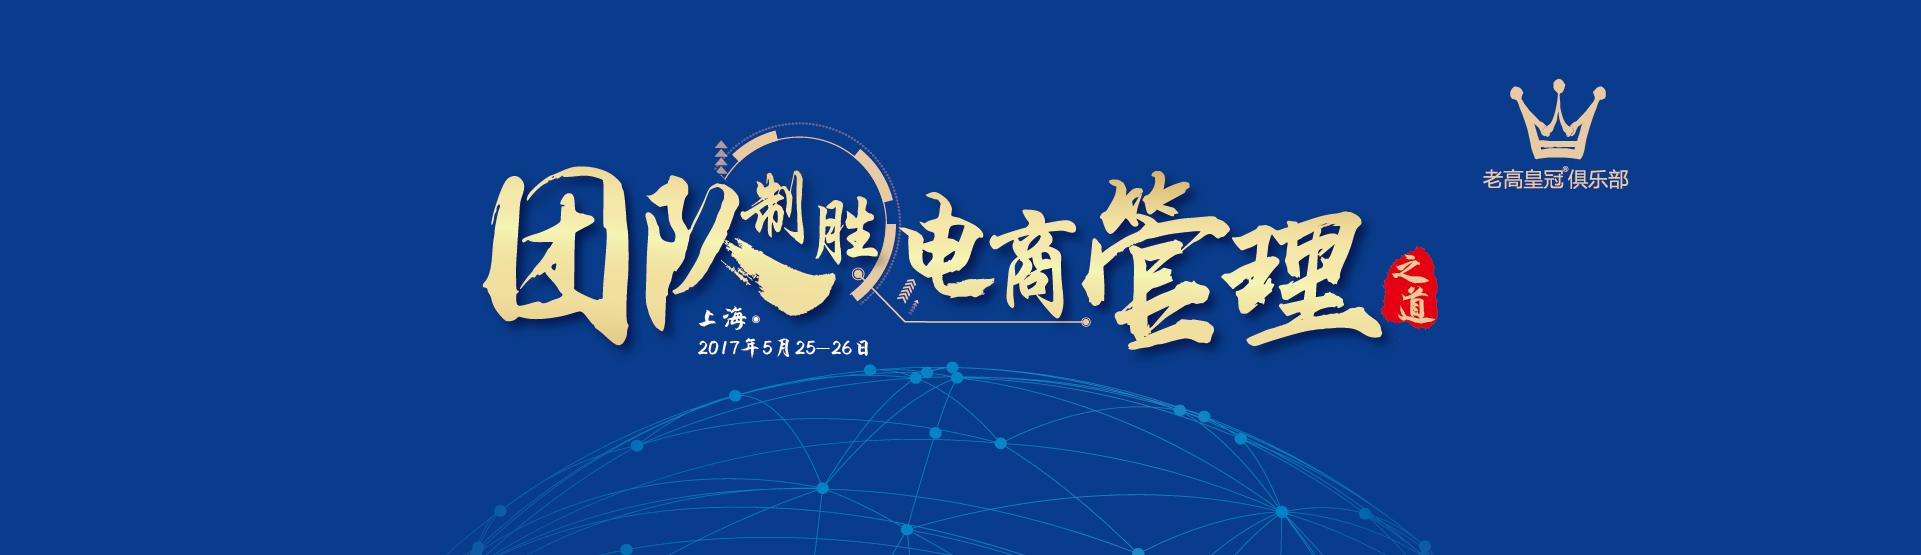 老高电商游学第85站-深圳十星大健康有限公司